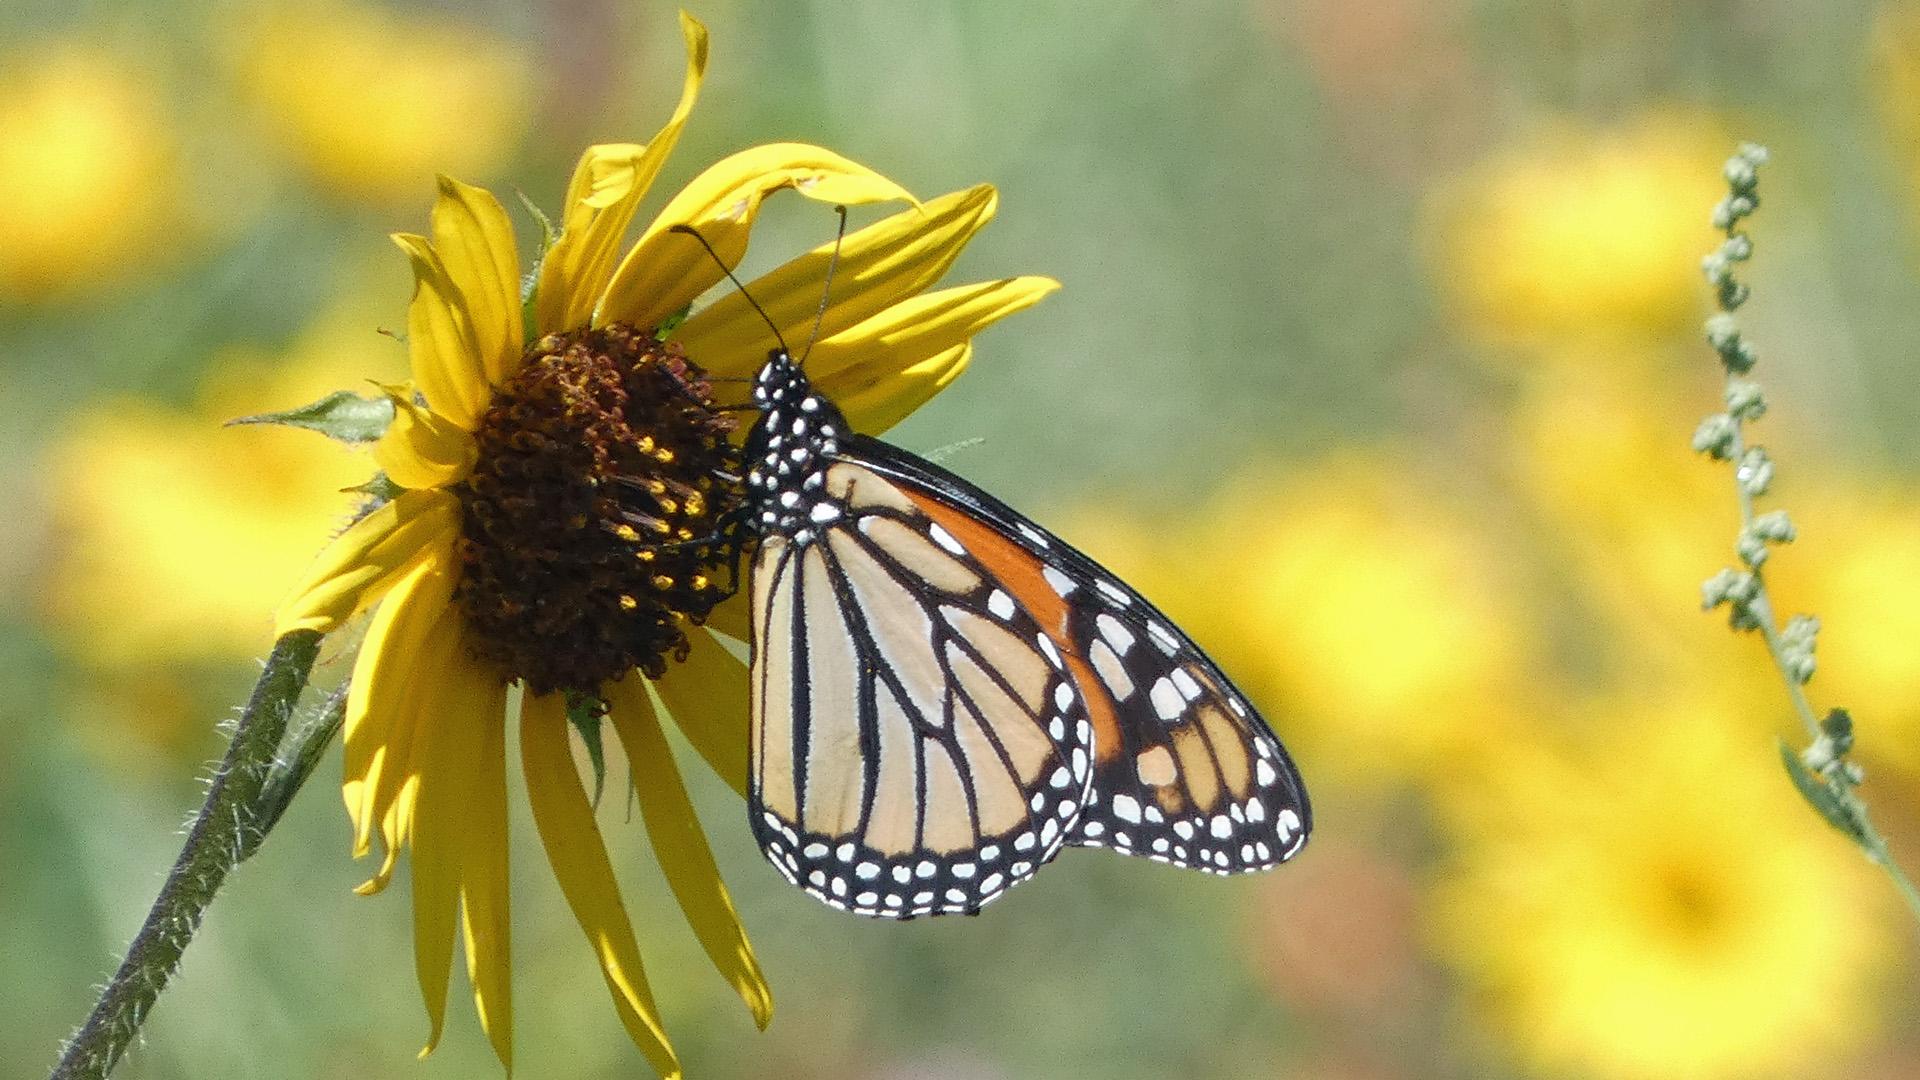 On wild sunflower, East Mountains, September 2021